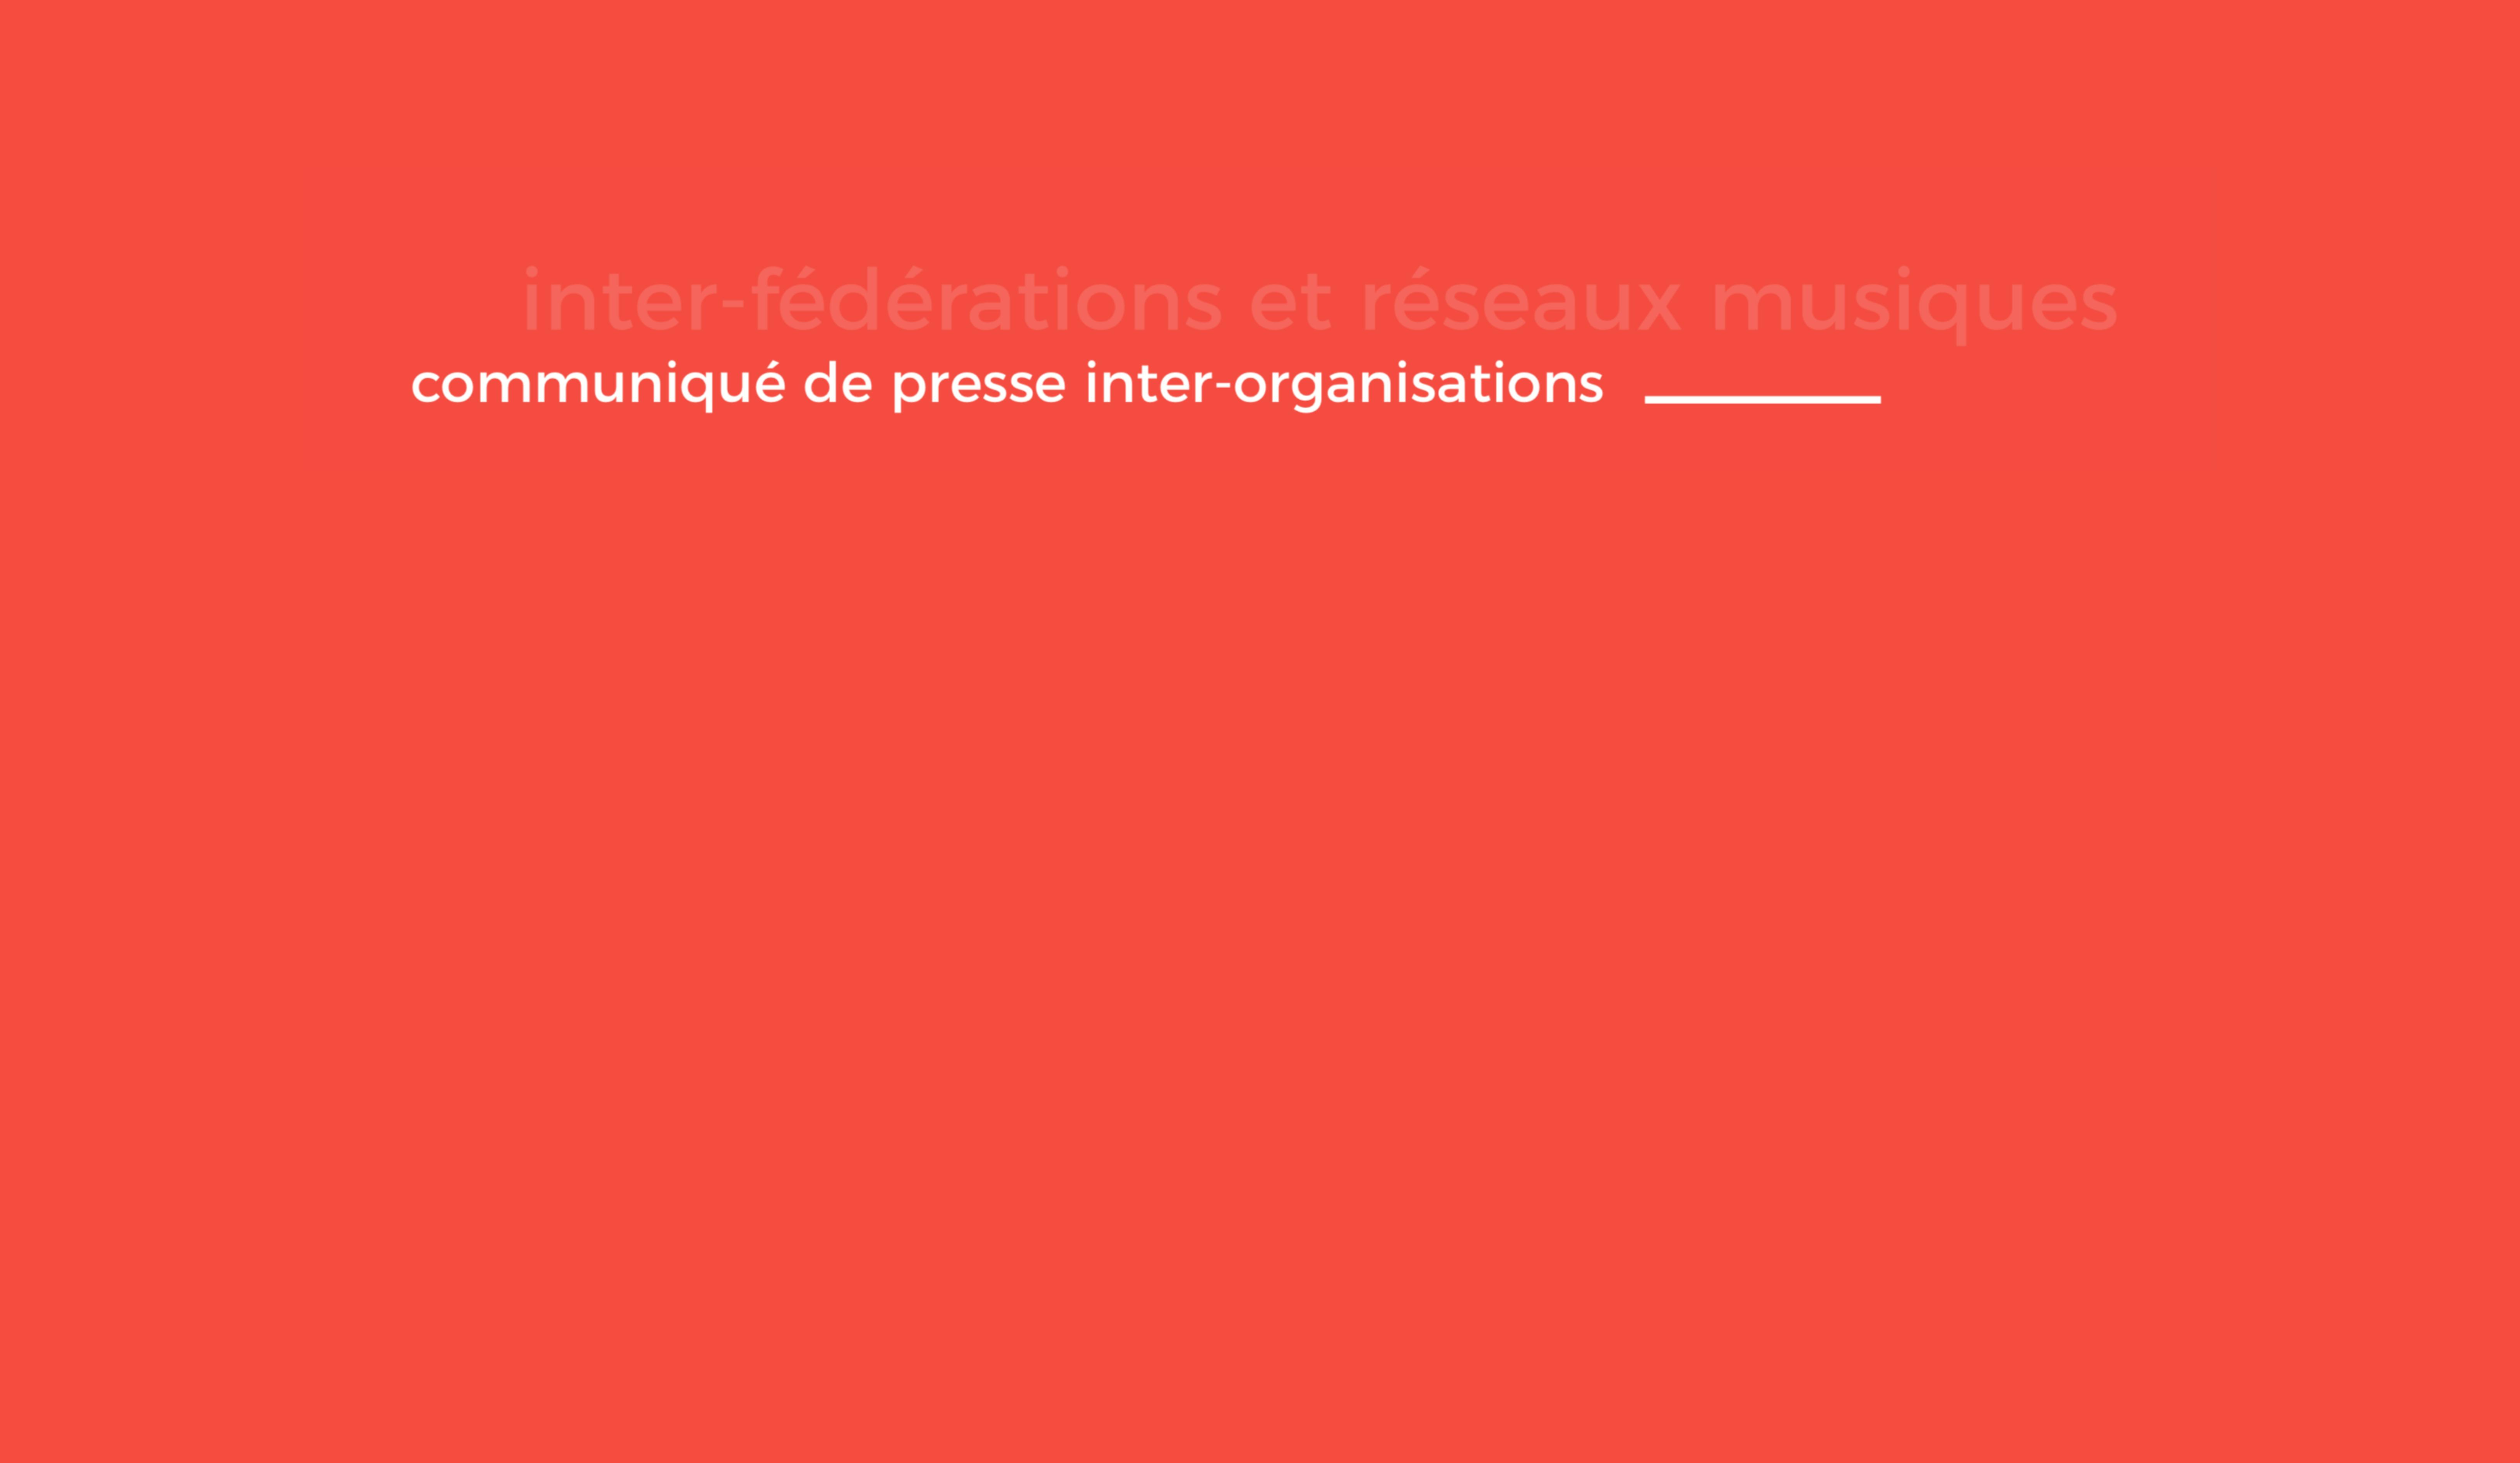 """Communiqué inter-organisations : Colloque """"musiques et politique"""" au Sénat en 2020"""